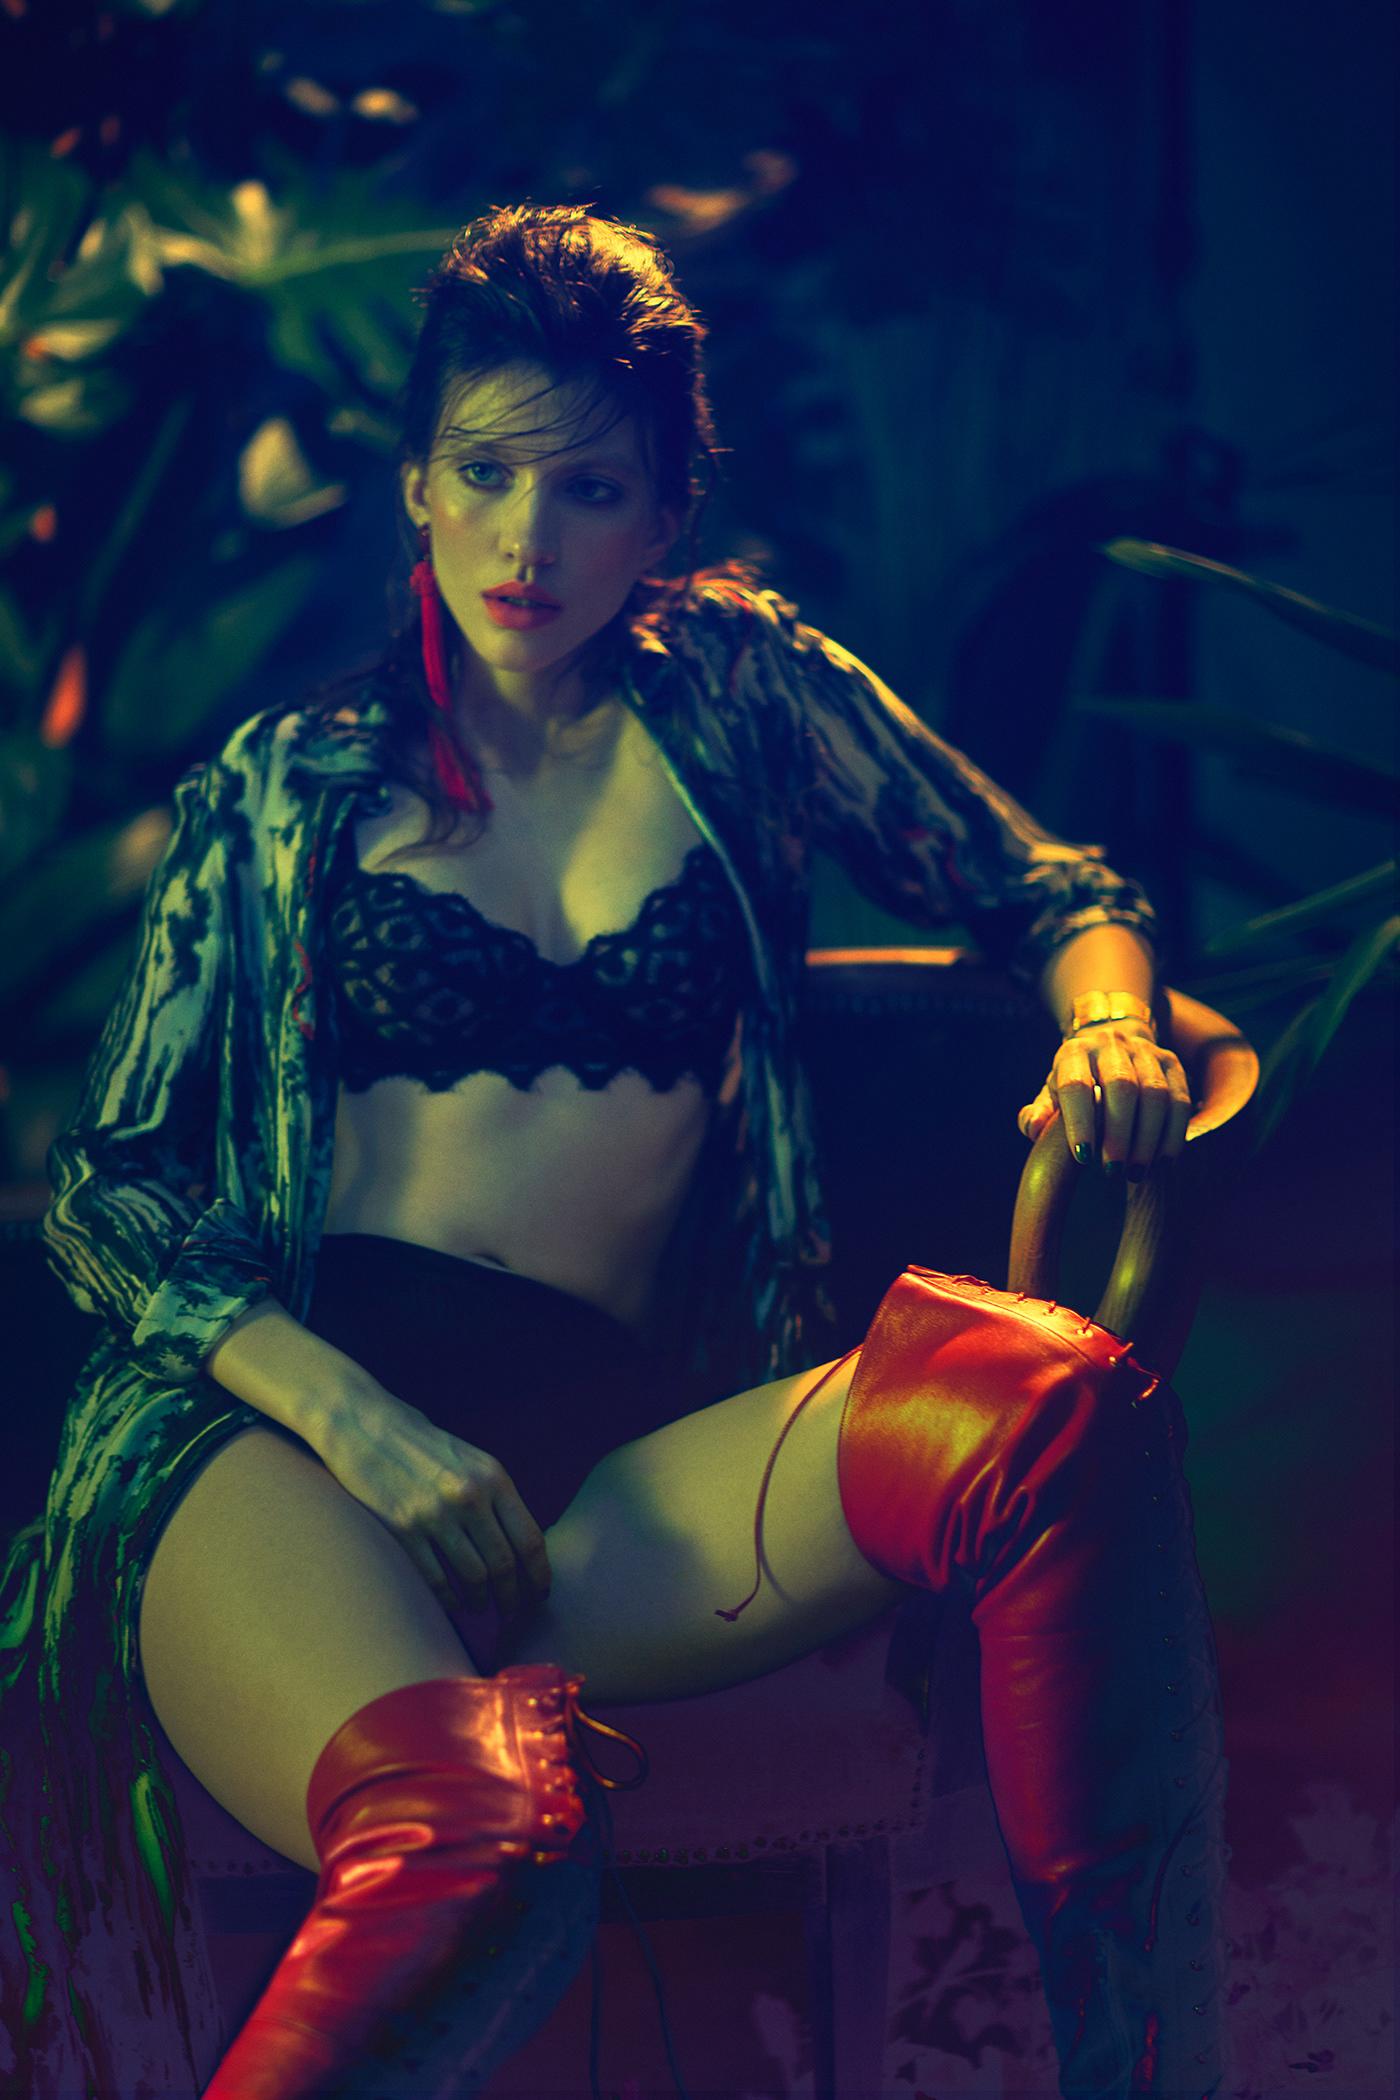 canon eos 5DmkIV photography Fashion Colors flowers Etienne Jeanson Liu Chao Maison ernest